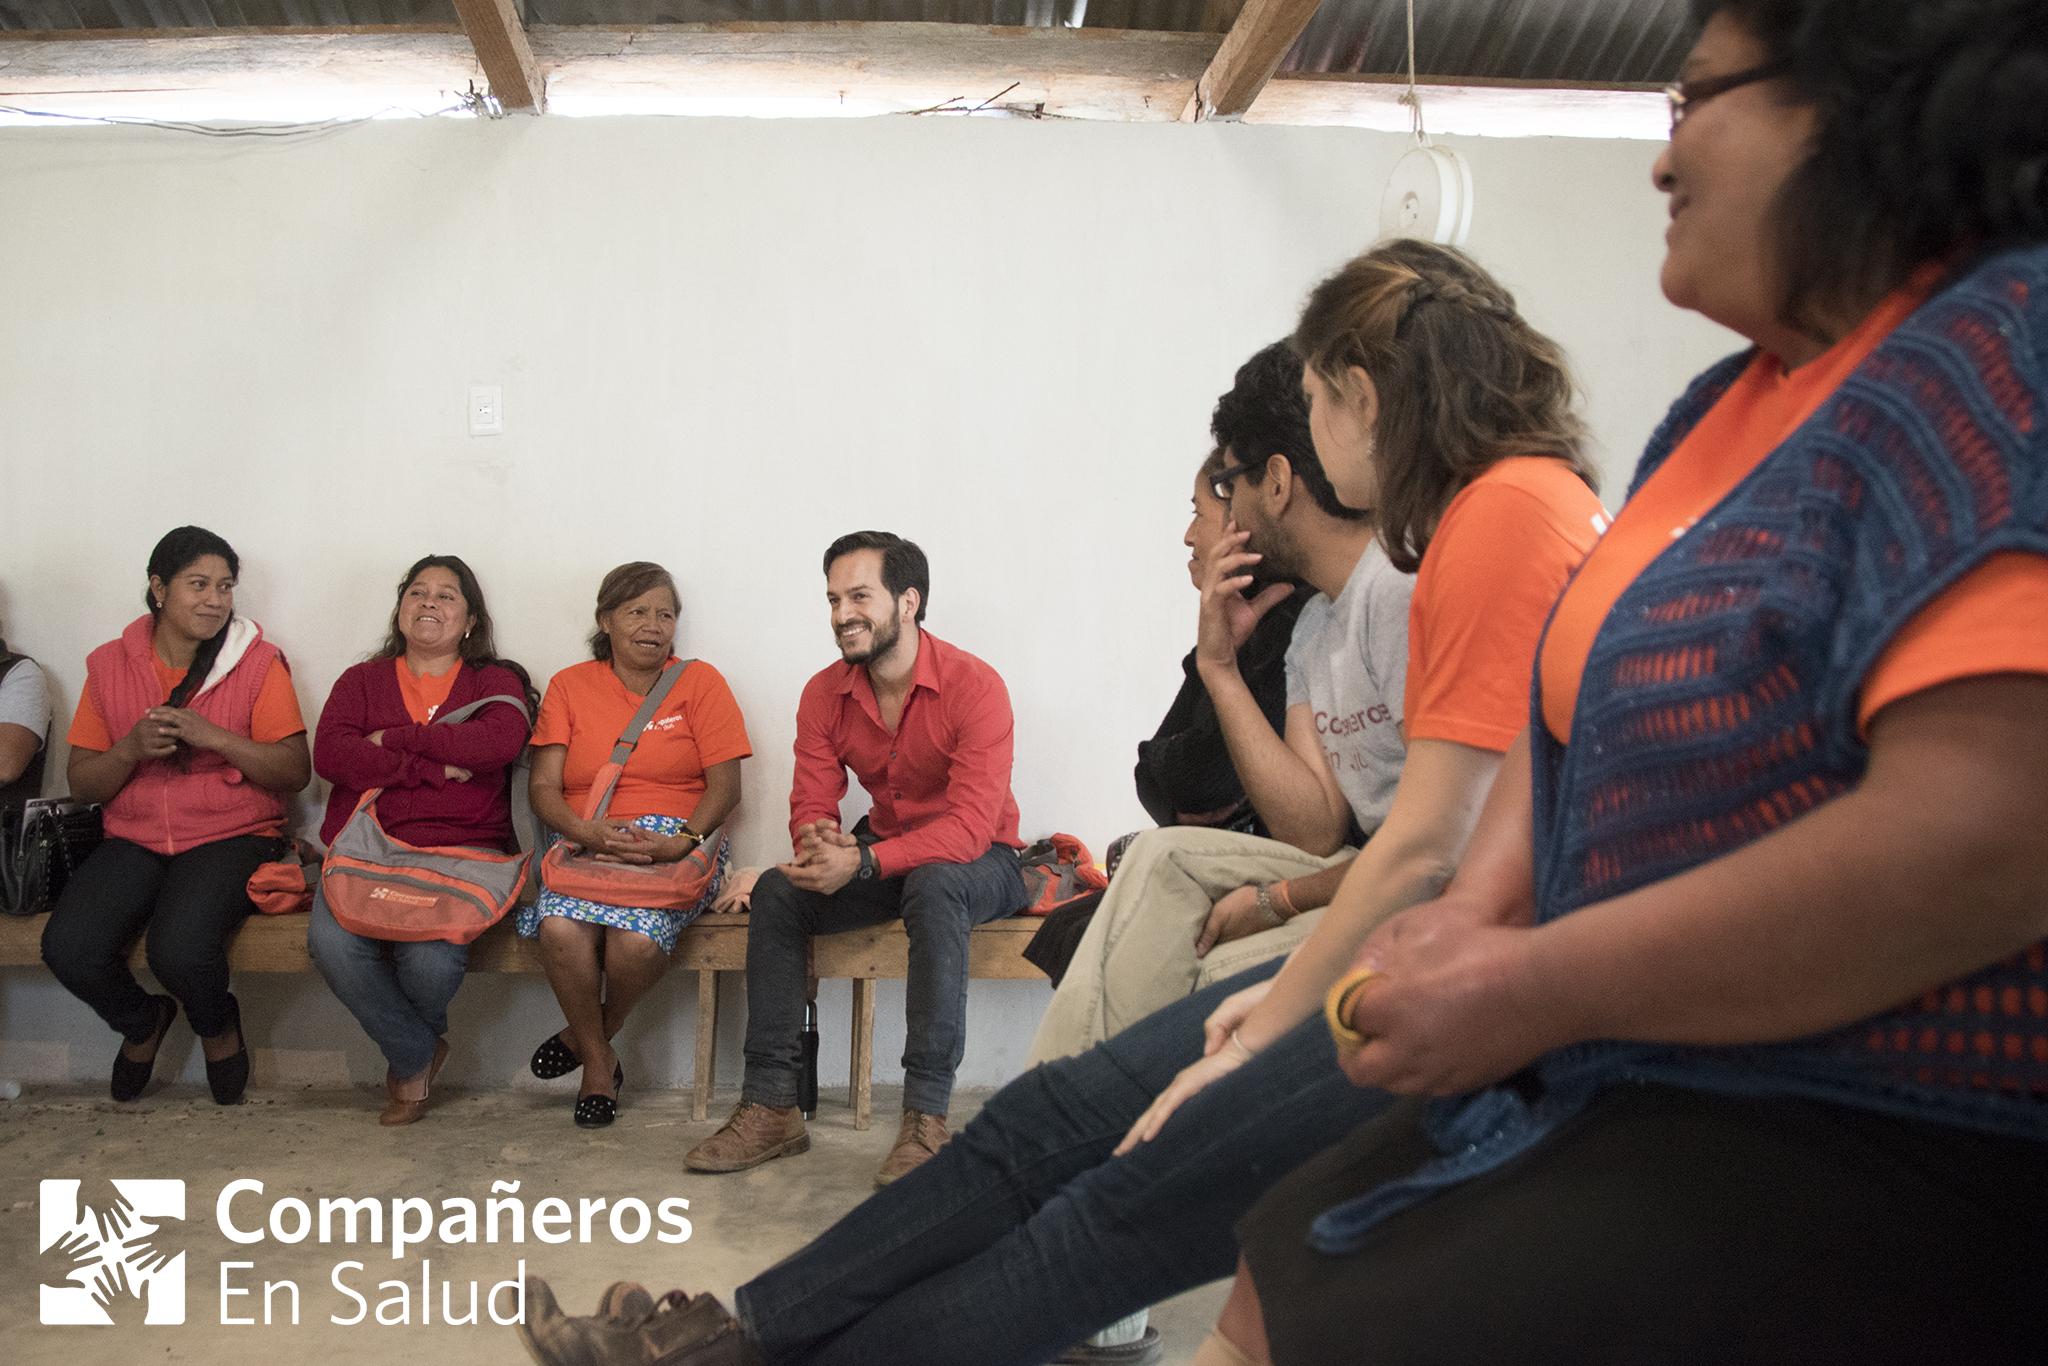 Las acompañantes Yadira Roblero (a la izquierda),Magdalena Gutiérrez,Catalina Rodríguez y el coordinador de programas comunitarios, el Dr. Rodrigo Bazúa, comparten sus experiencias con visitantes en la comunidad de Laguna del Cofre. Ahora conformando un equipo de más de 90 mujeres, las acompañantes son miembros de la comunidad que han sido capacitadas para realizar visitas domiciliarias para educar y apoyar a personas viviendo con enfermedades crónicas, niños con desnutrición y mujeres embarazadas.